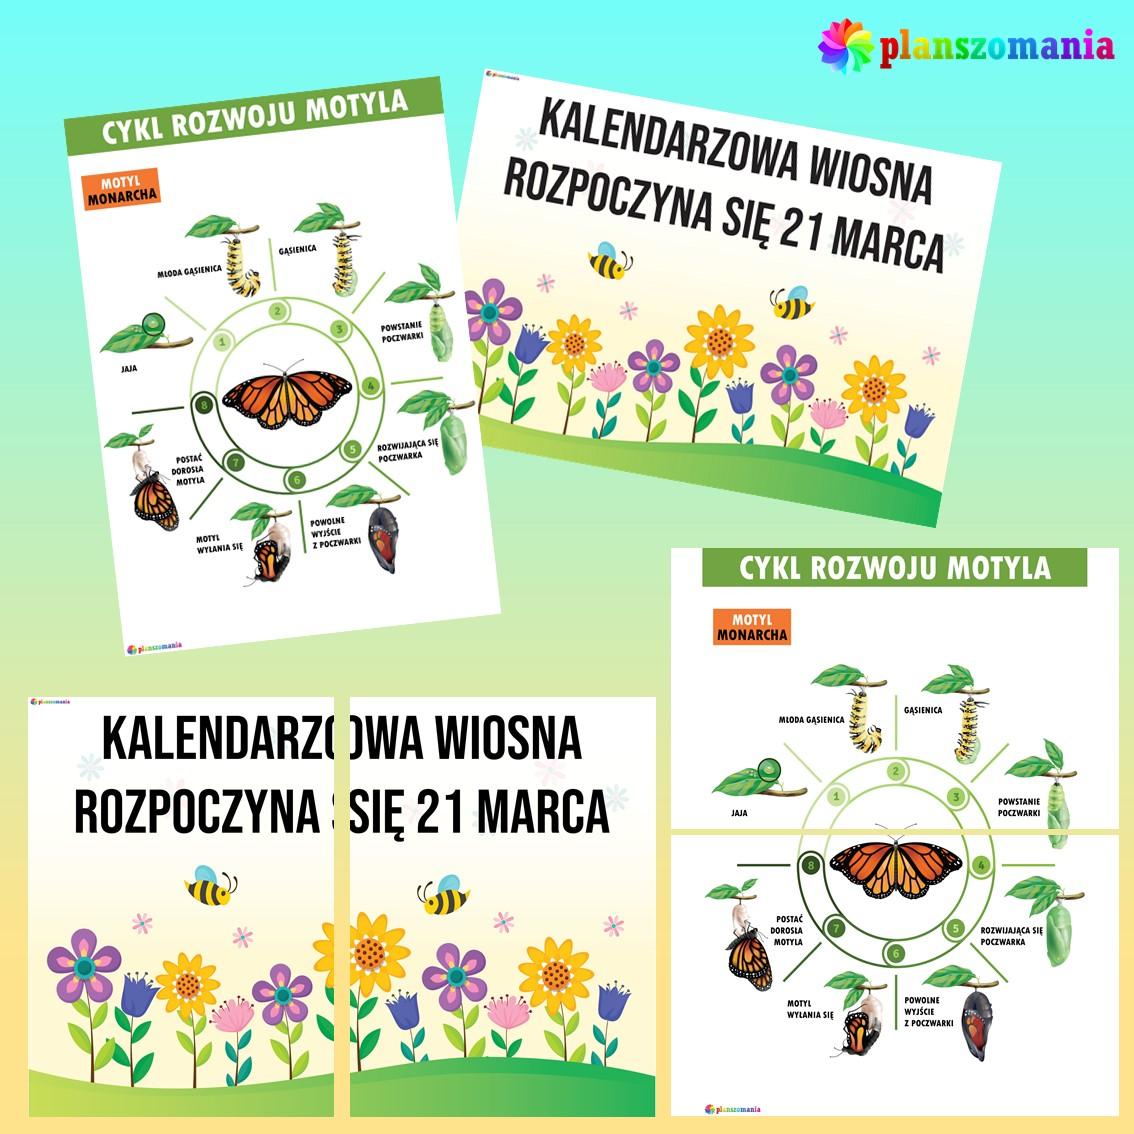 wiosna dużypakiet edukacyjny pdf do druku dla dzieci planszomania scenariusz zajęć edukacja wczesnoszkolna plakaty